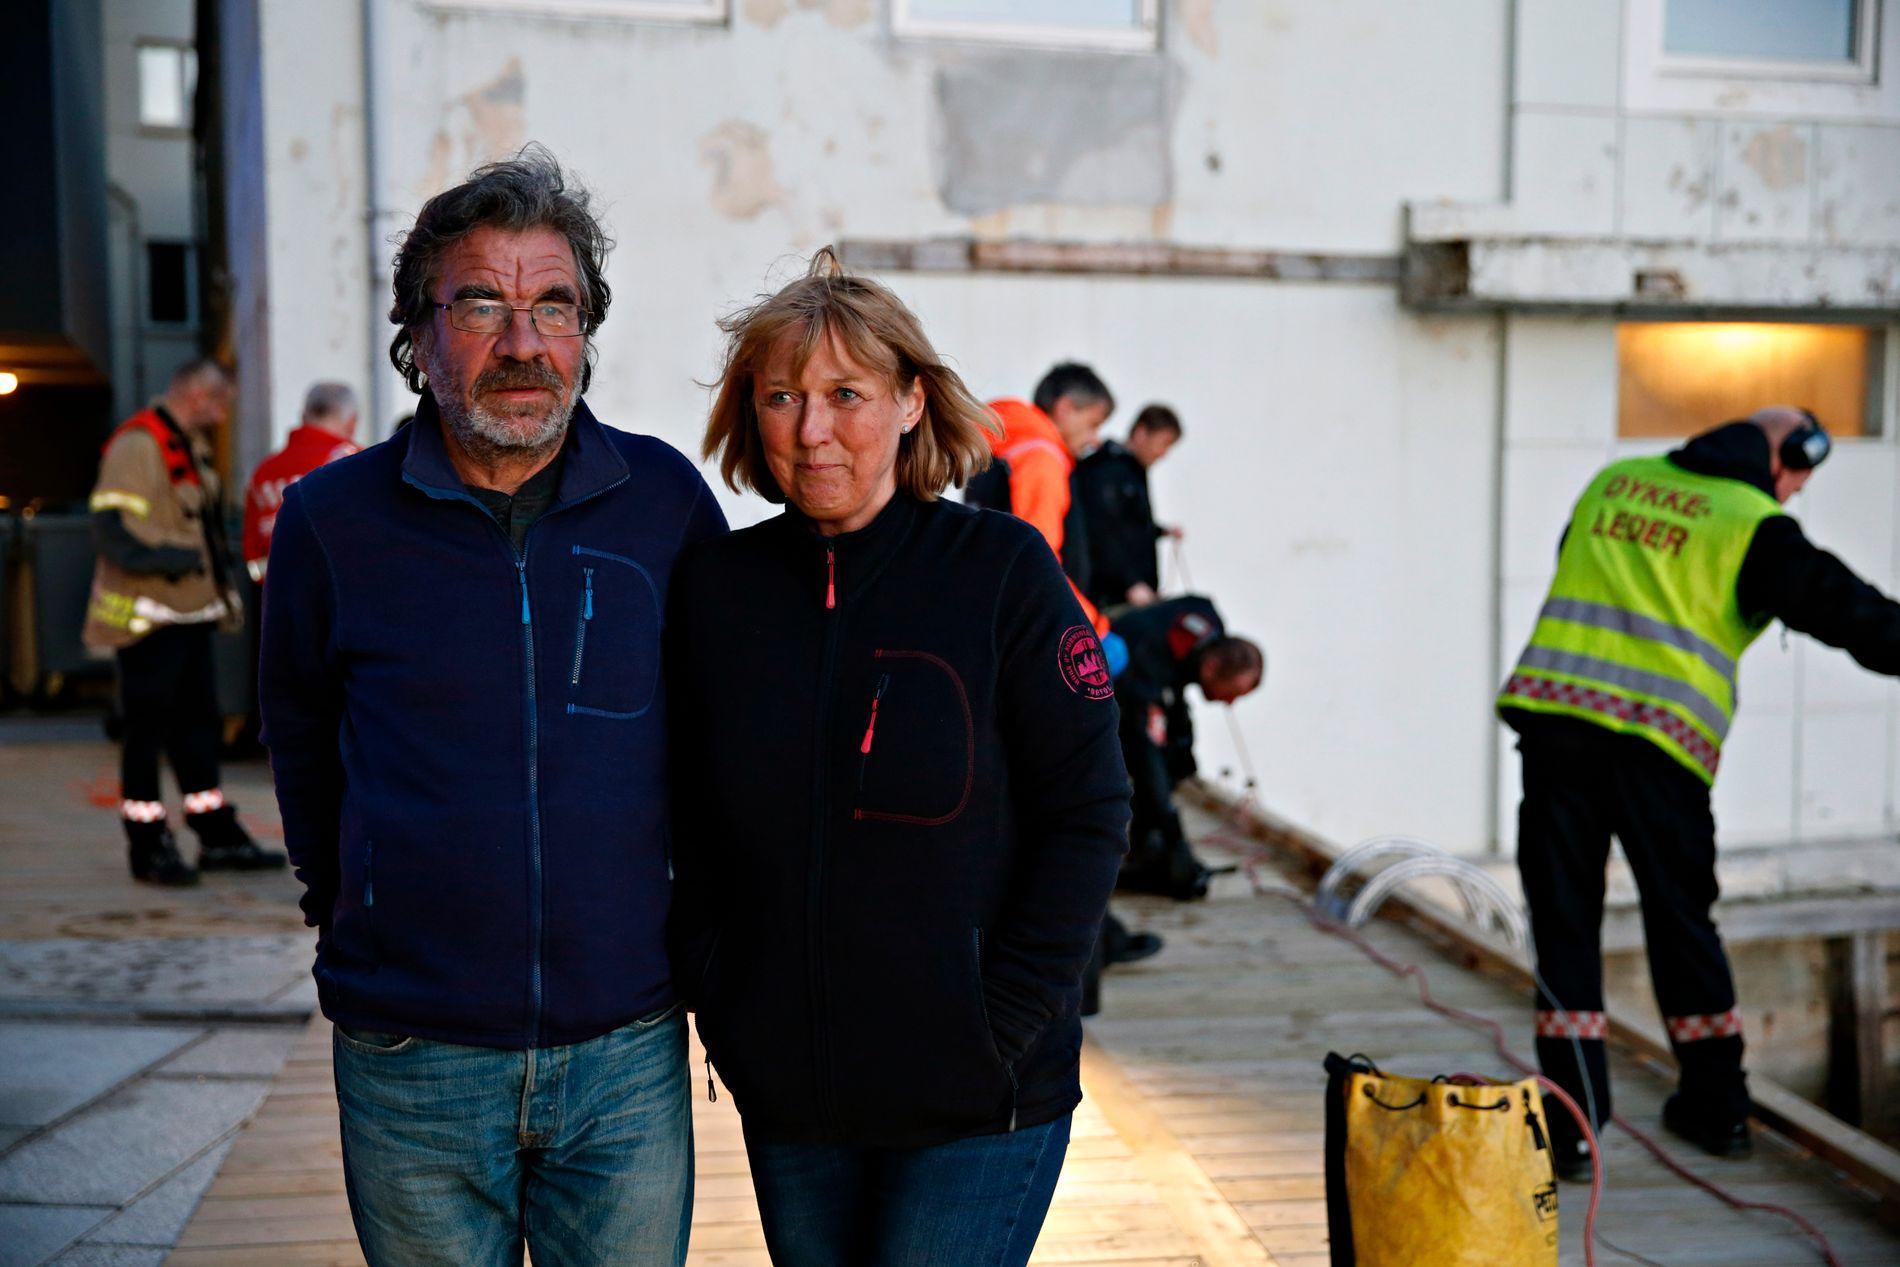 DAGENS HELTER: Da ekteparet Kjersti Kismul og mannen Knut Hansen fikk øye på mannen, kastet de ut en livbøye.